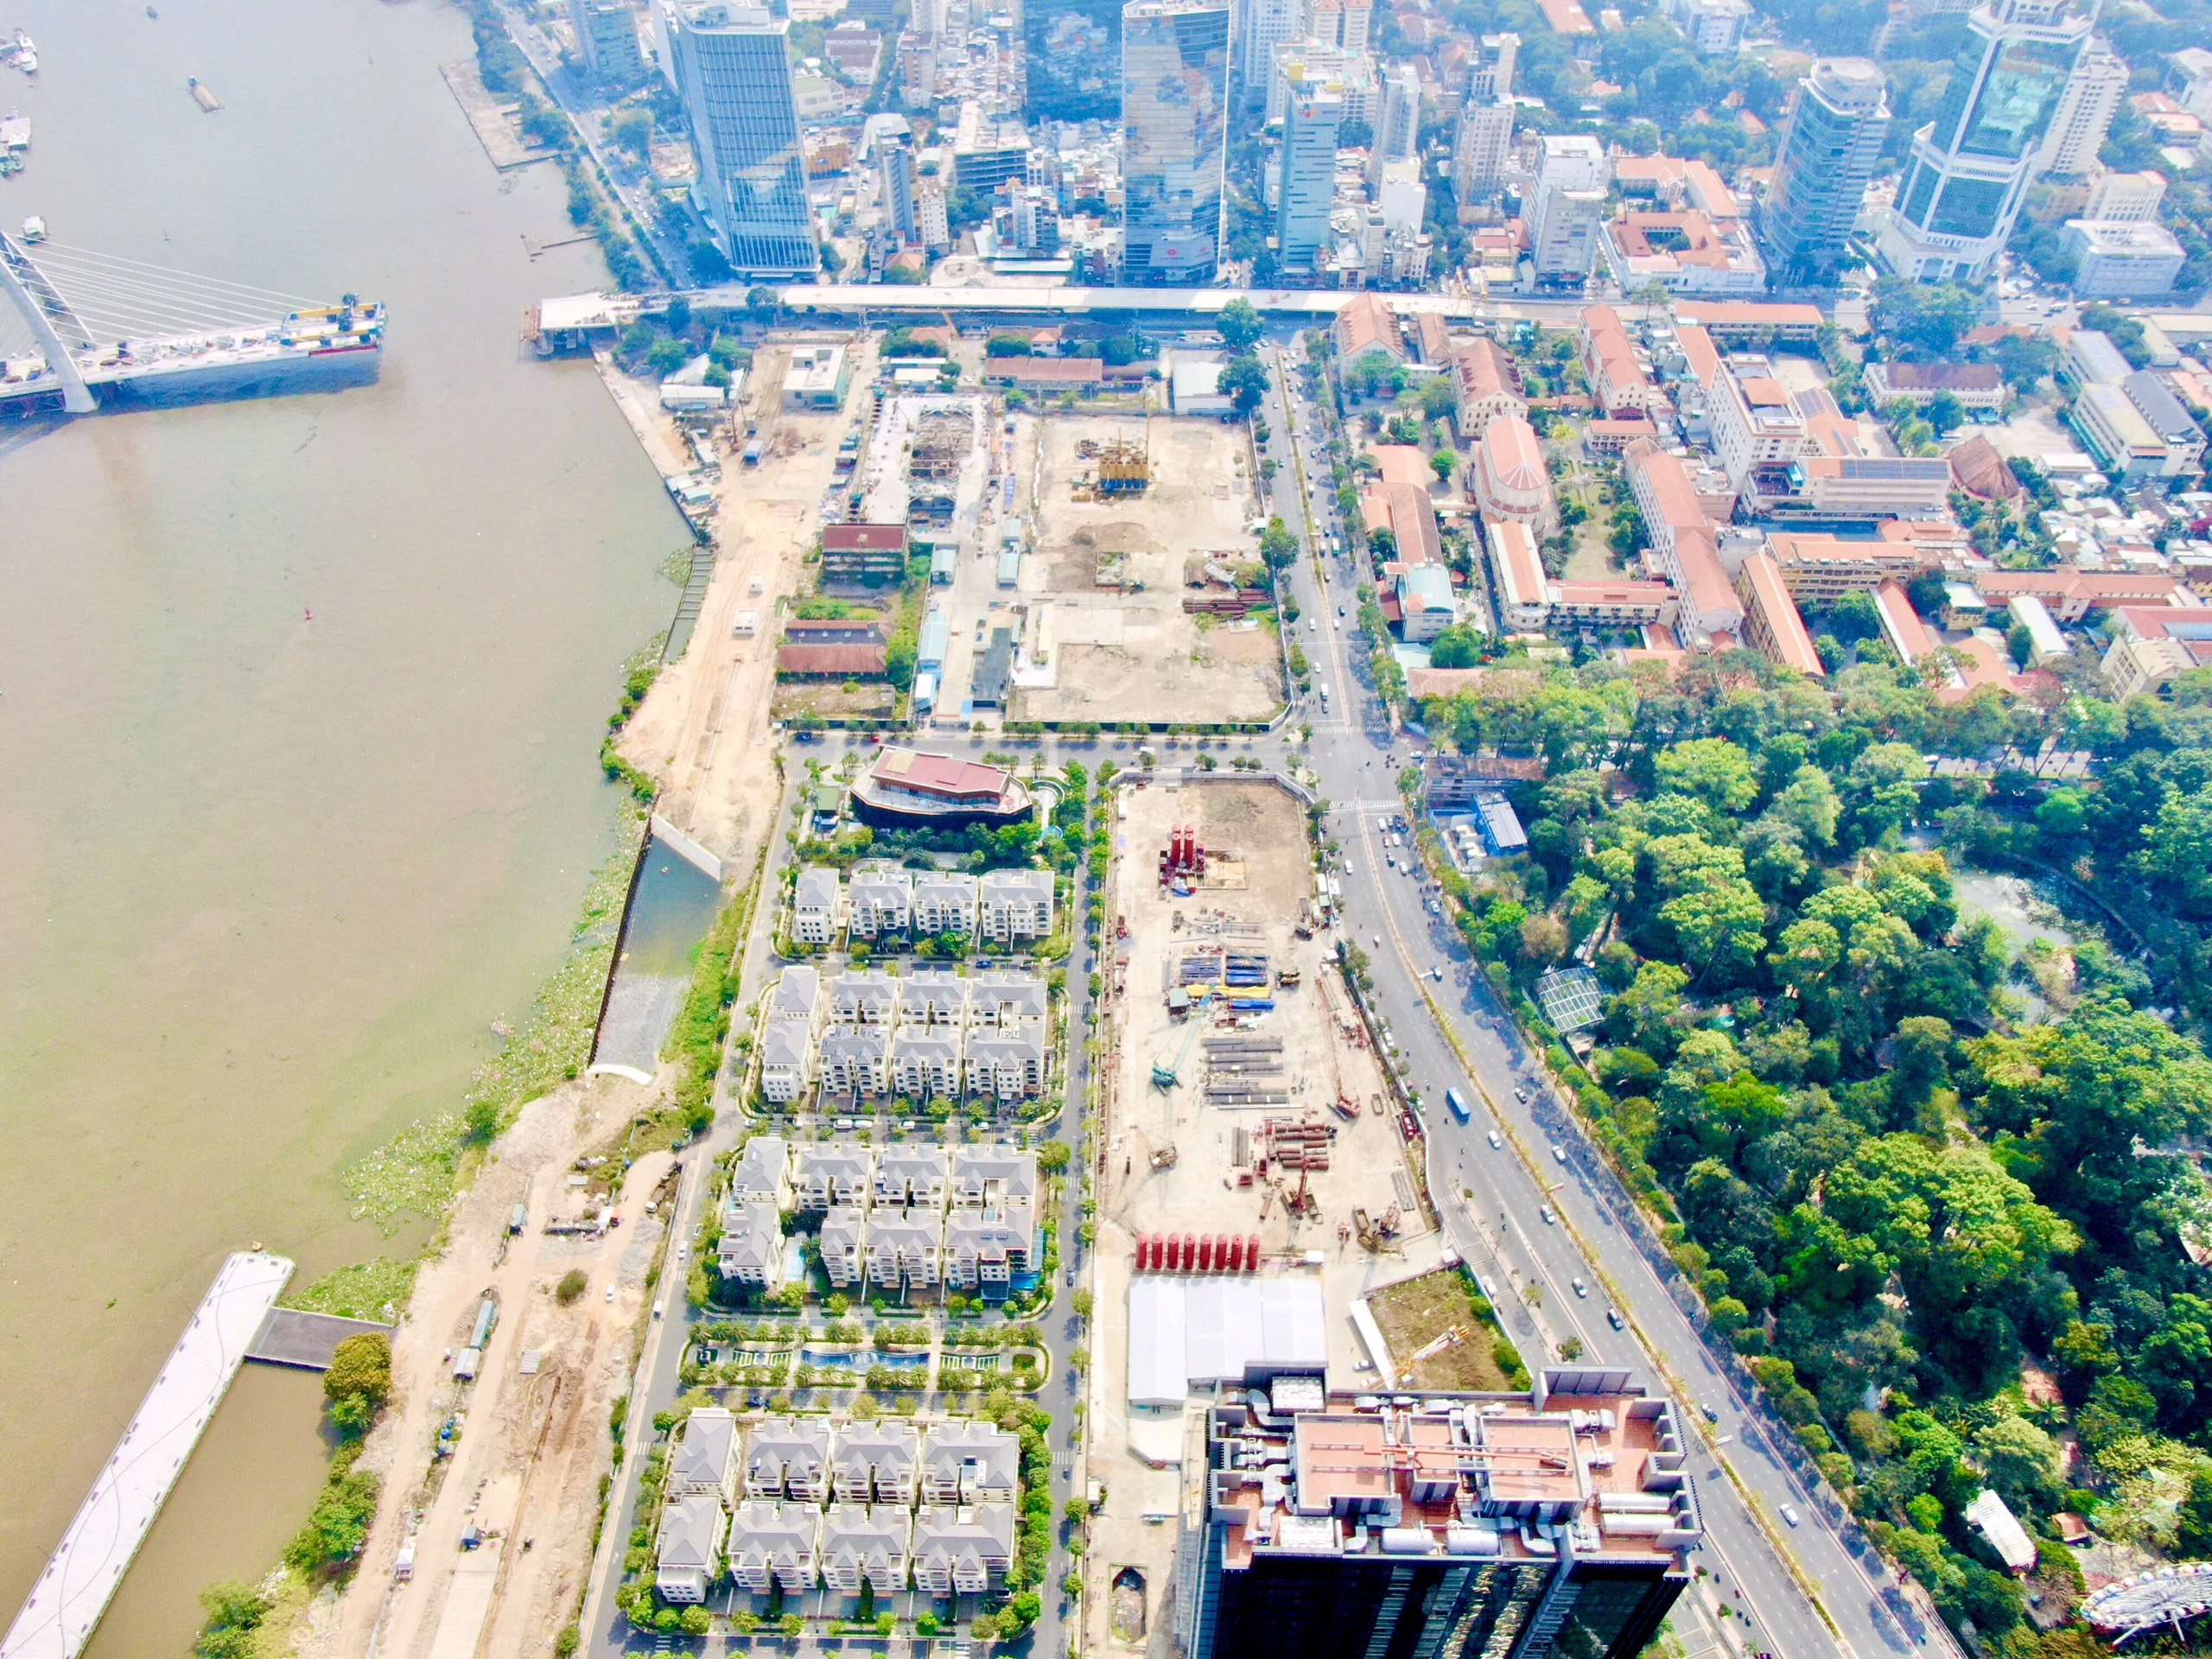 Tiến độ xây dựng dự và hình ảnh cảnh quan các góc view dự án căn hộ Masterise Bason Quận 1 chủ đầu tư Masterise Group. Hotline 0812 756 888